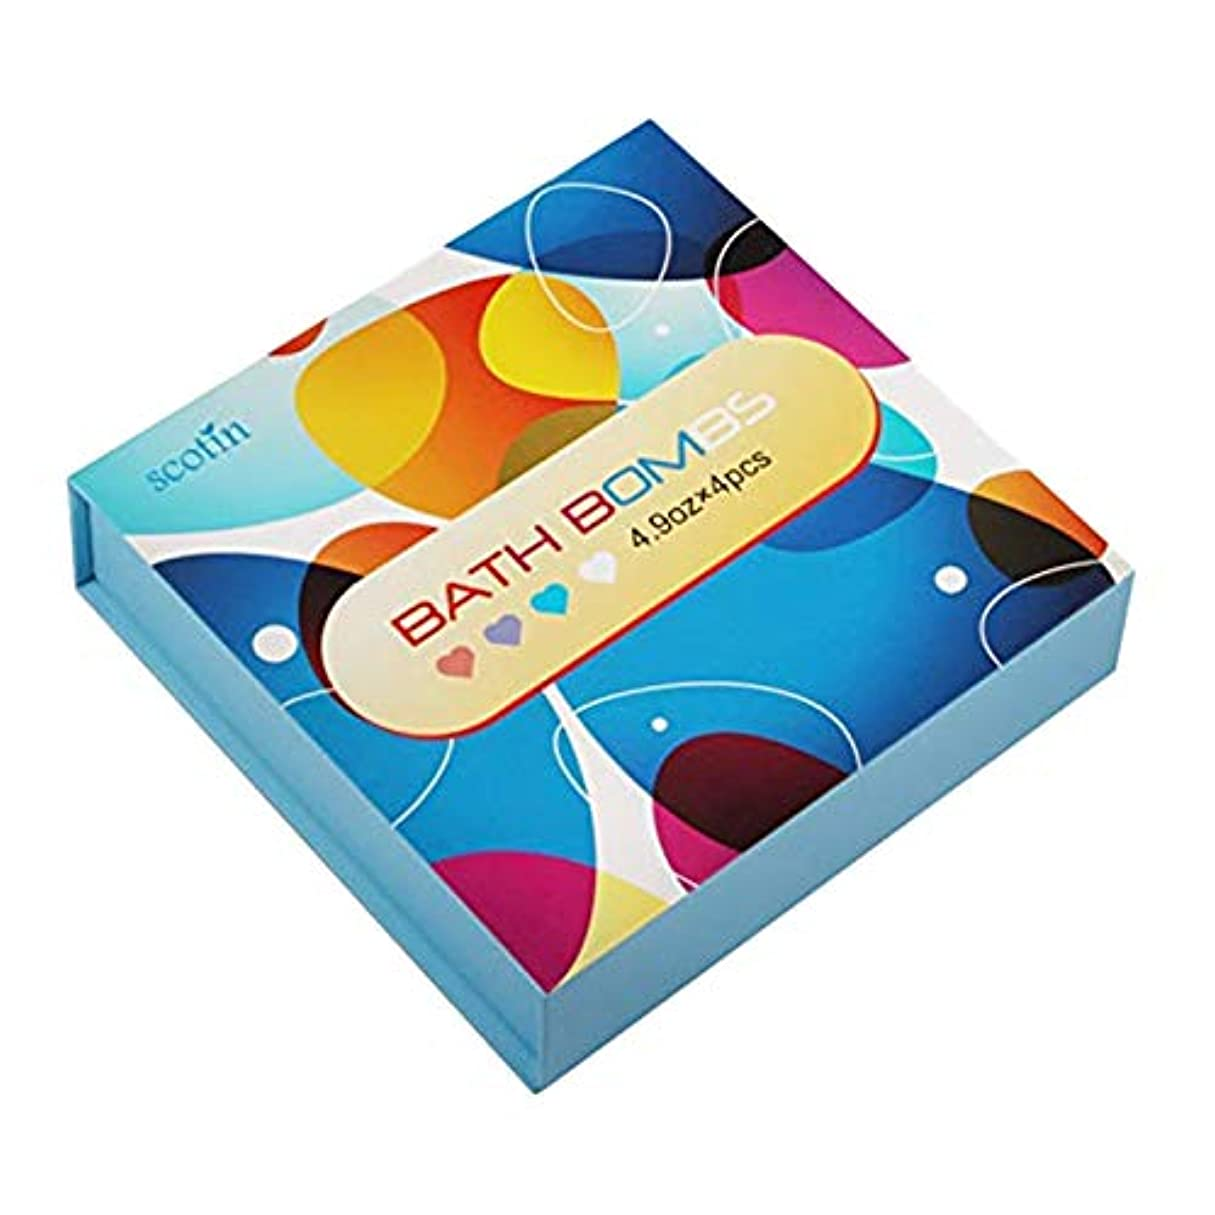 参加者存在経歴TOOGOO バスボール?ギフトセット-女性のための 4つのハート型 手作り-パーフェクト バブル&スパバス用-乾燥肌を保湿するためのエッセンシャルオイルとフレグランスオイル